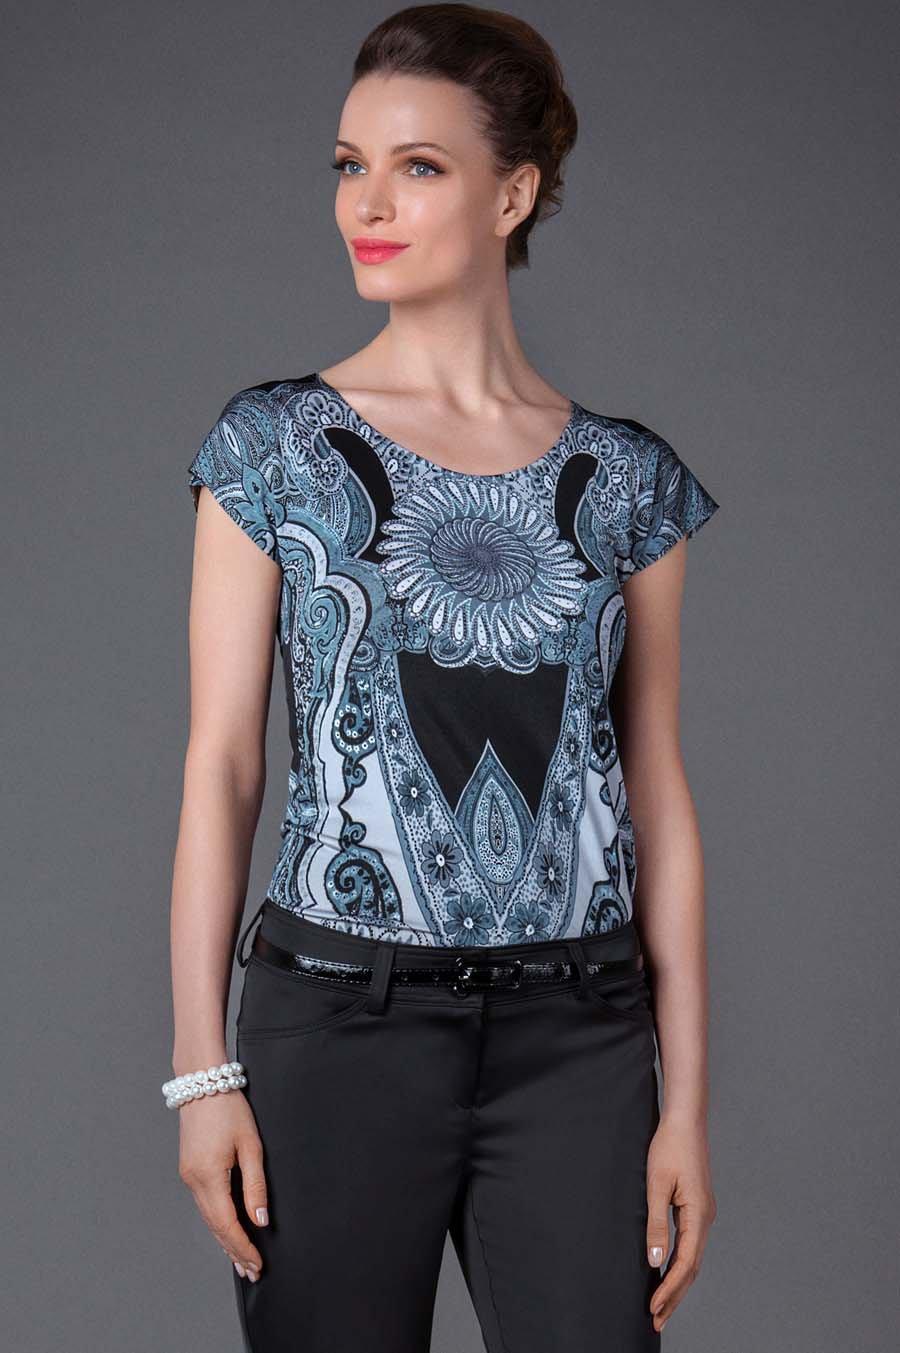 Где в москве можно купить блузку